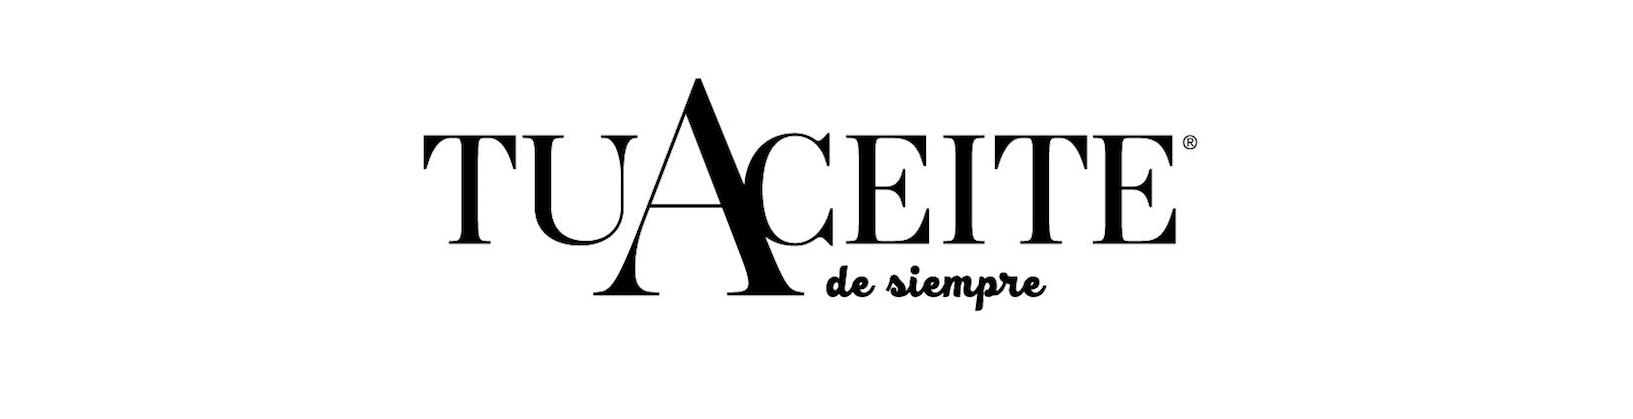 Diseño de marca TuAceite de siempre